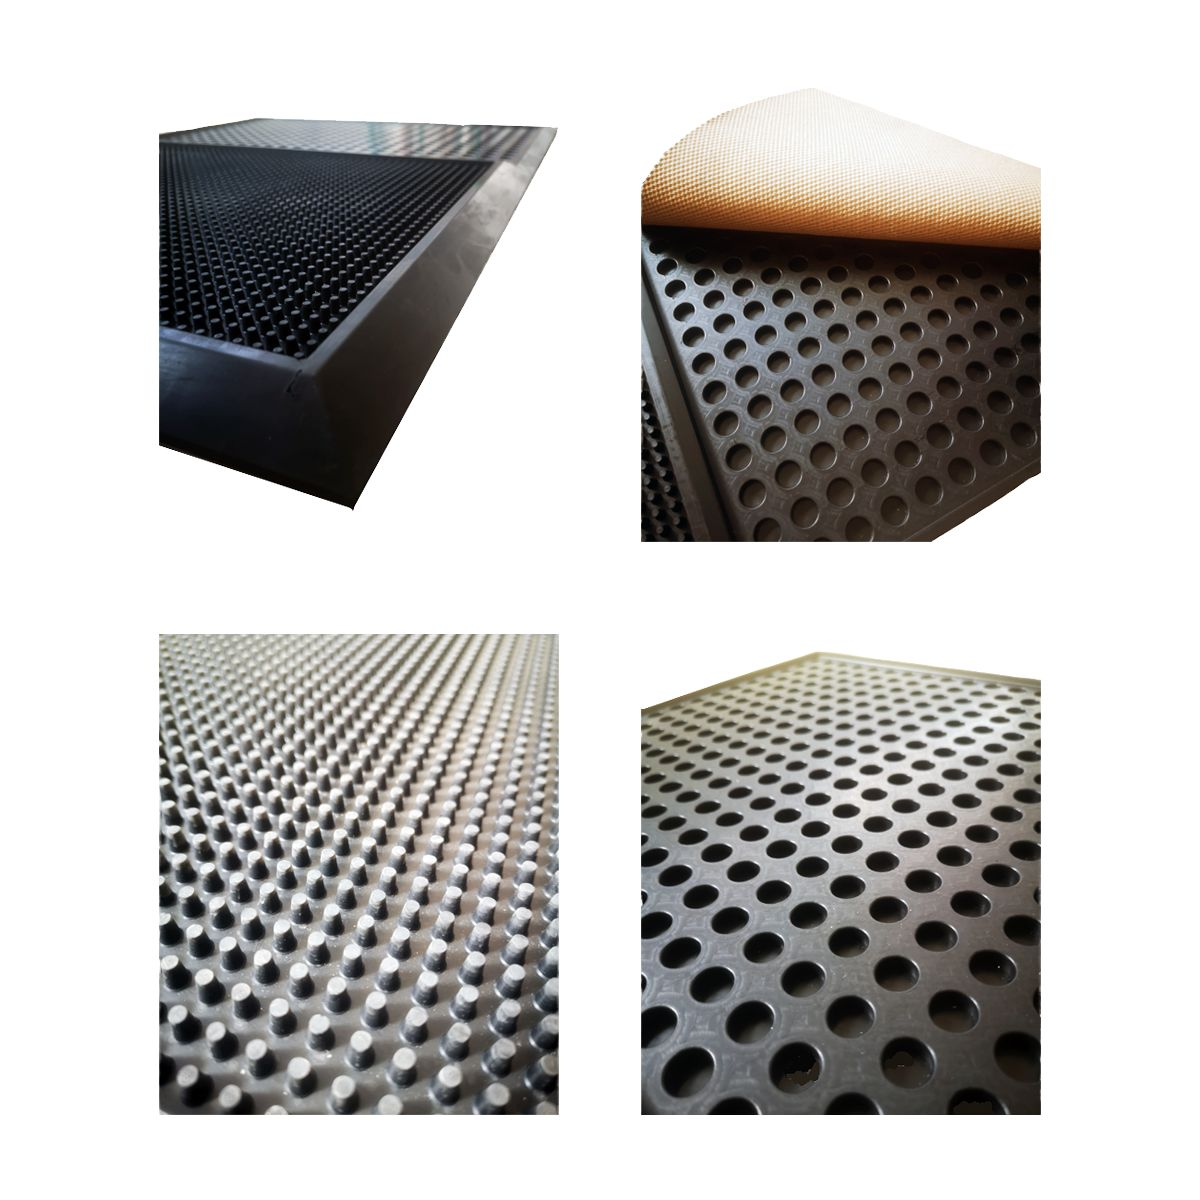 Tapete com reservatório para desinfecção de calçado e secagem 870x620x18mm